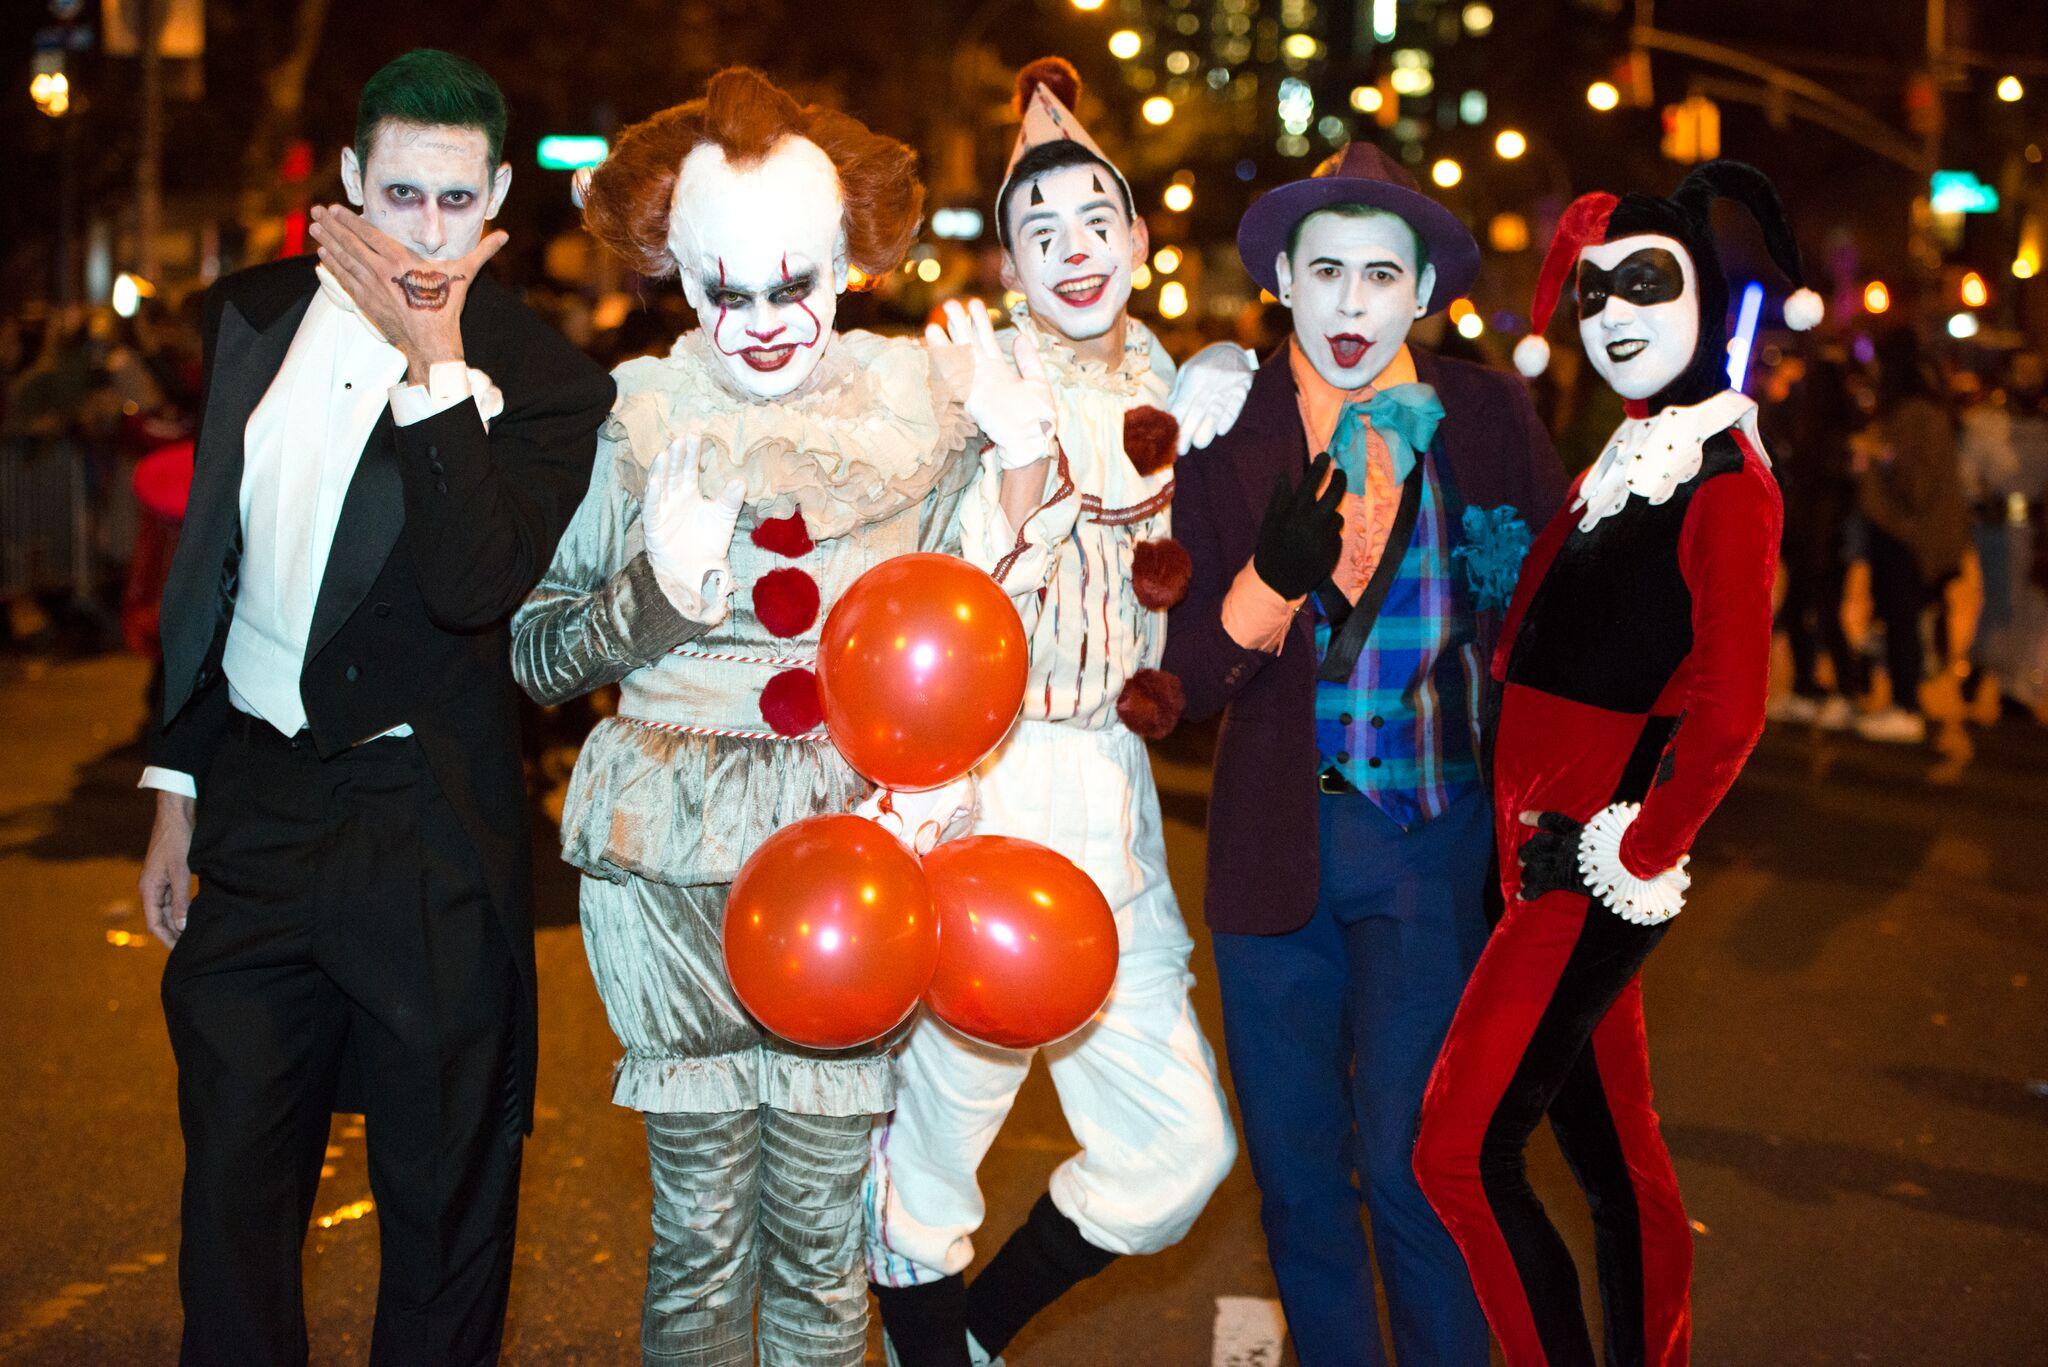 Halloween 2020 NgàY MấY Halloween 2020 ngày mấy? Nguồn gốc và ý nghĩa của Halloween   Vela